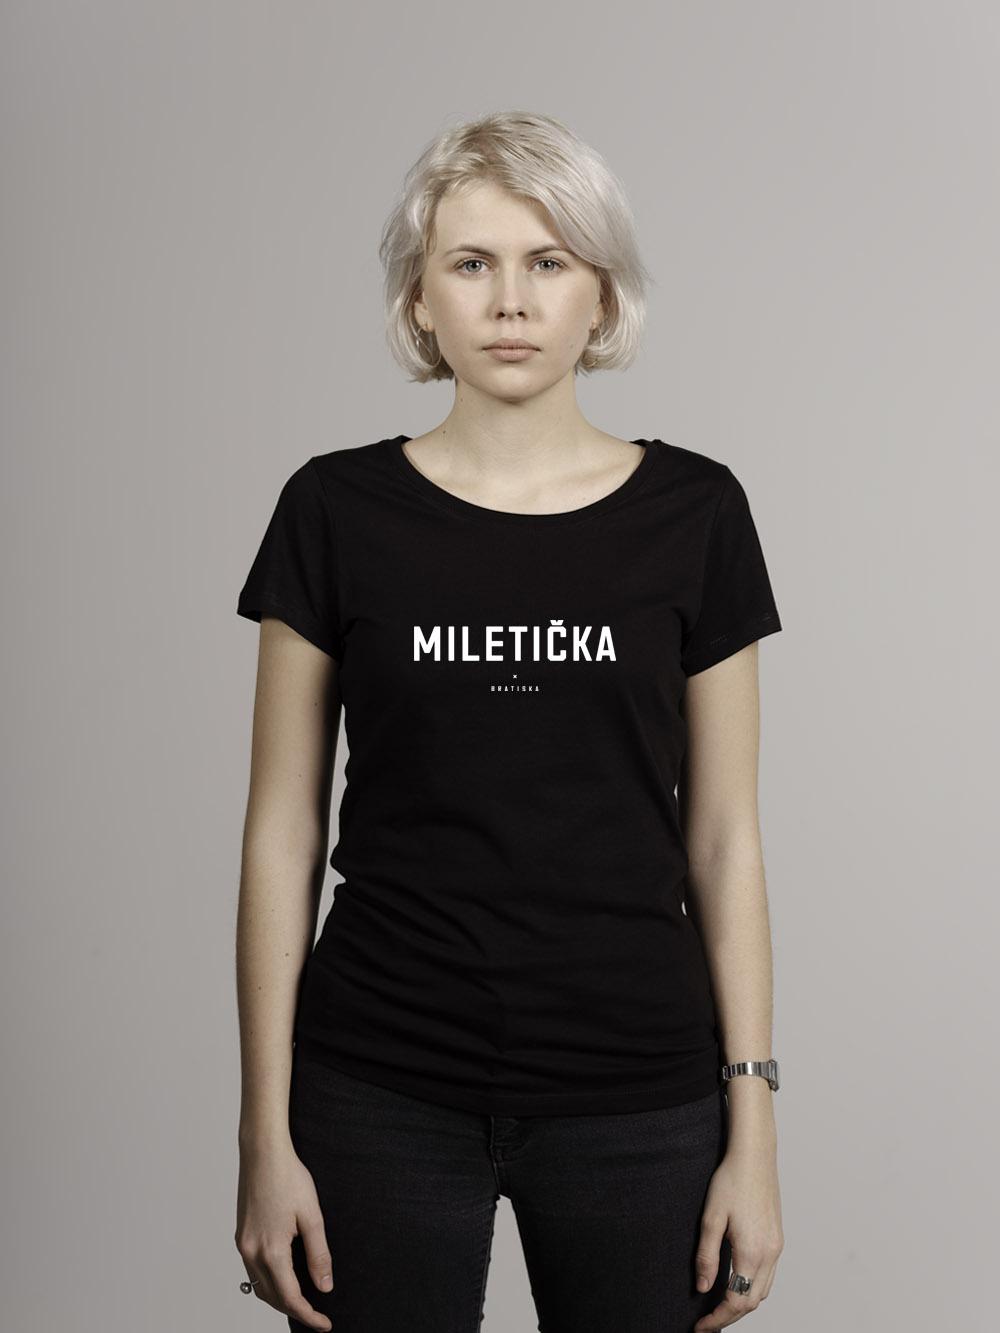 Miletička